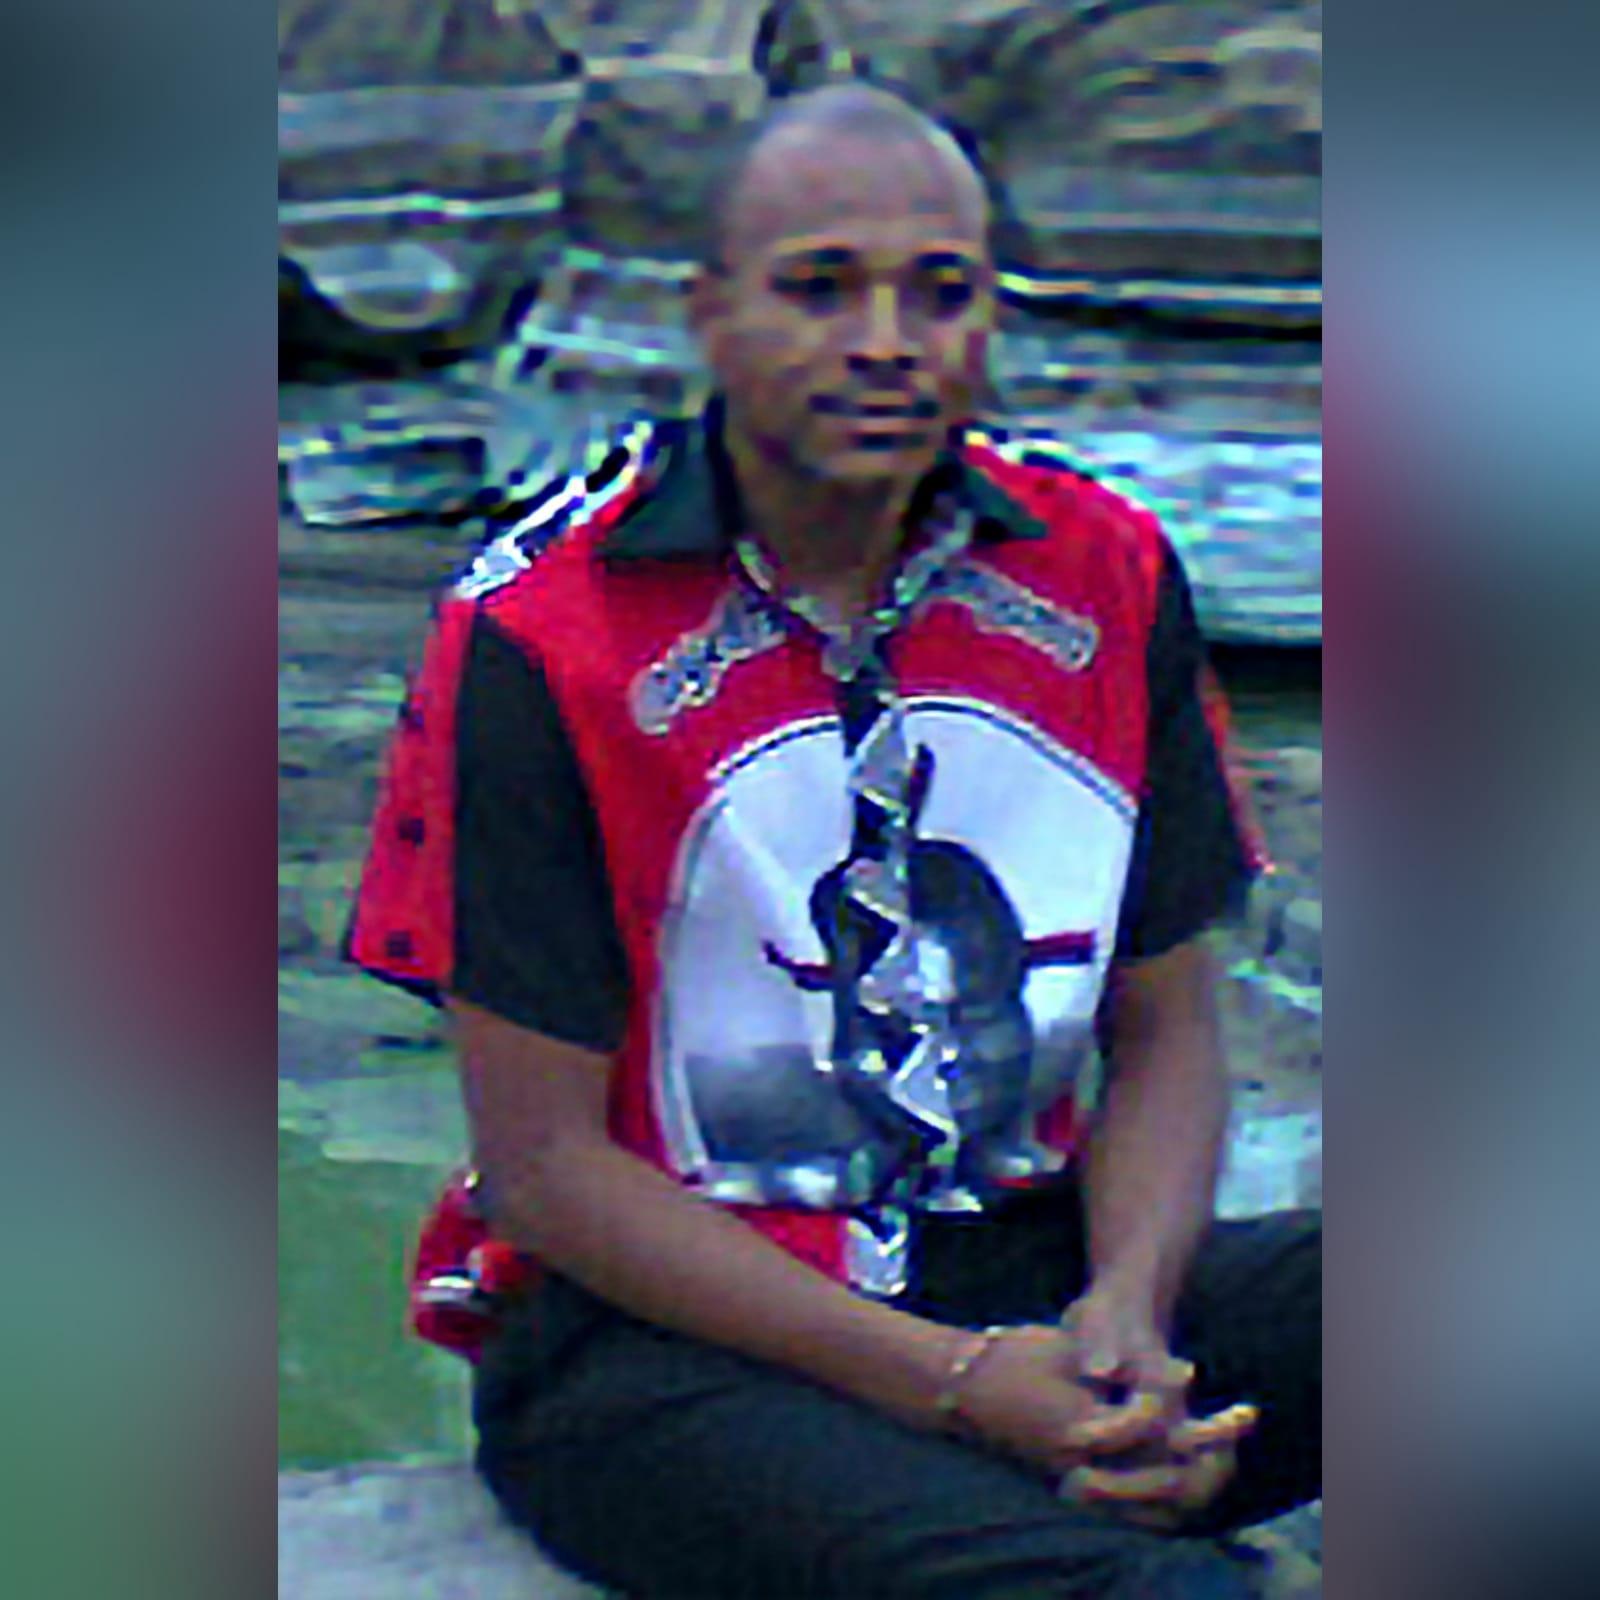 Camisa tradicional tecido africano 1 camisa tradicional masculina em vermelho de tecido africano swati. Com detalhe de botões nas mangas